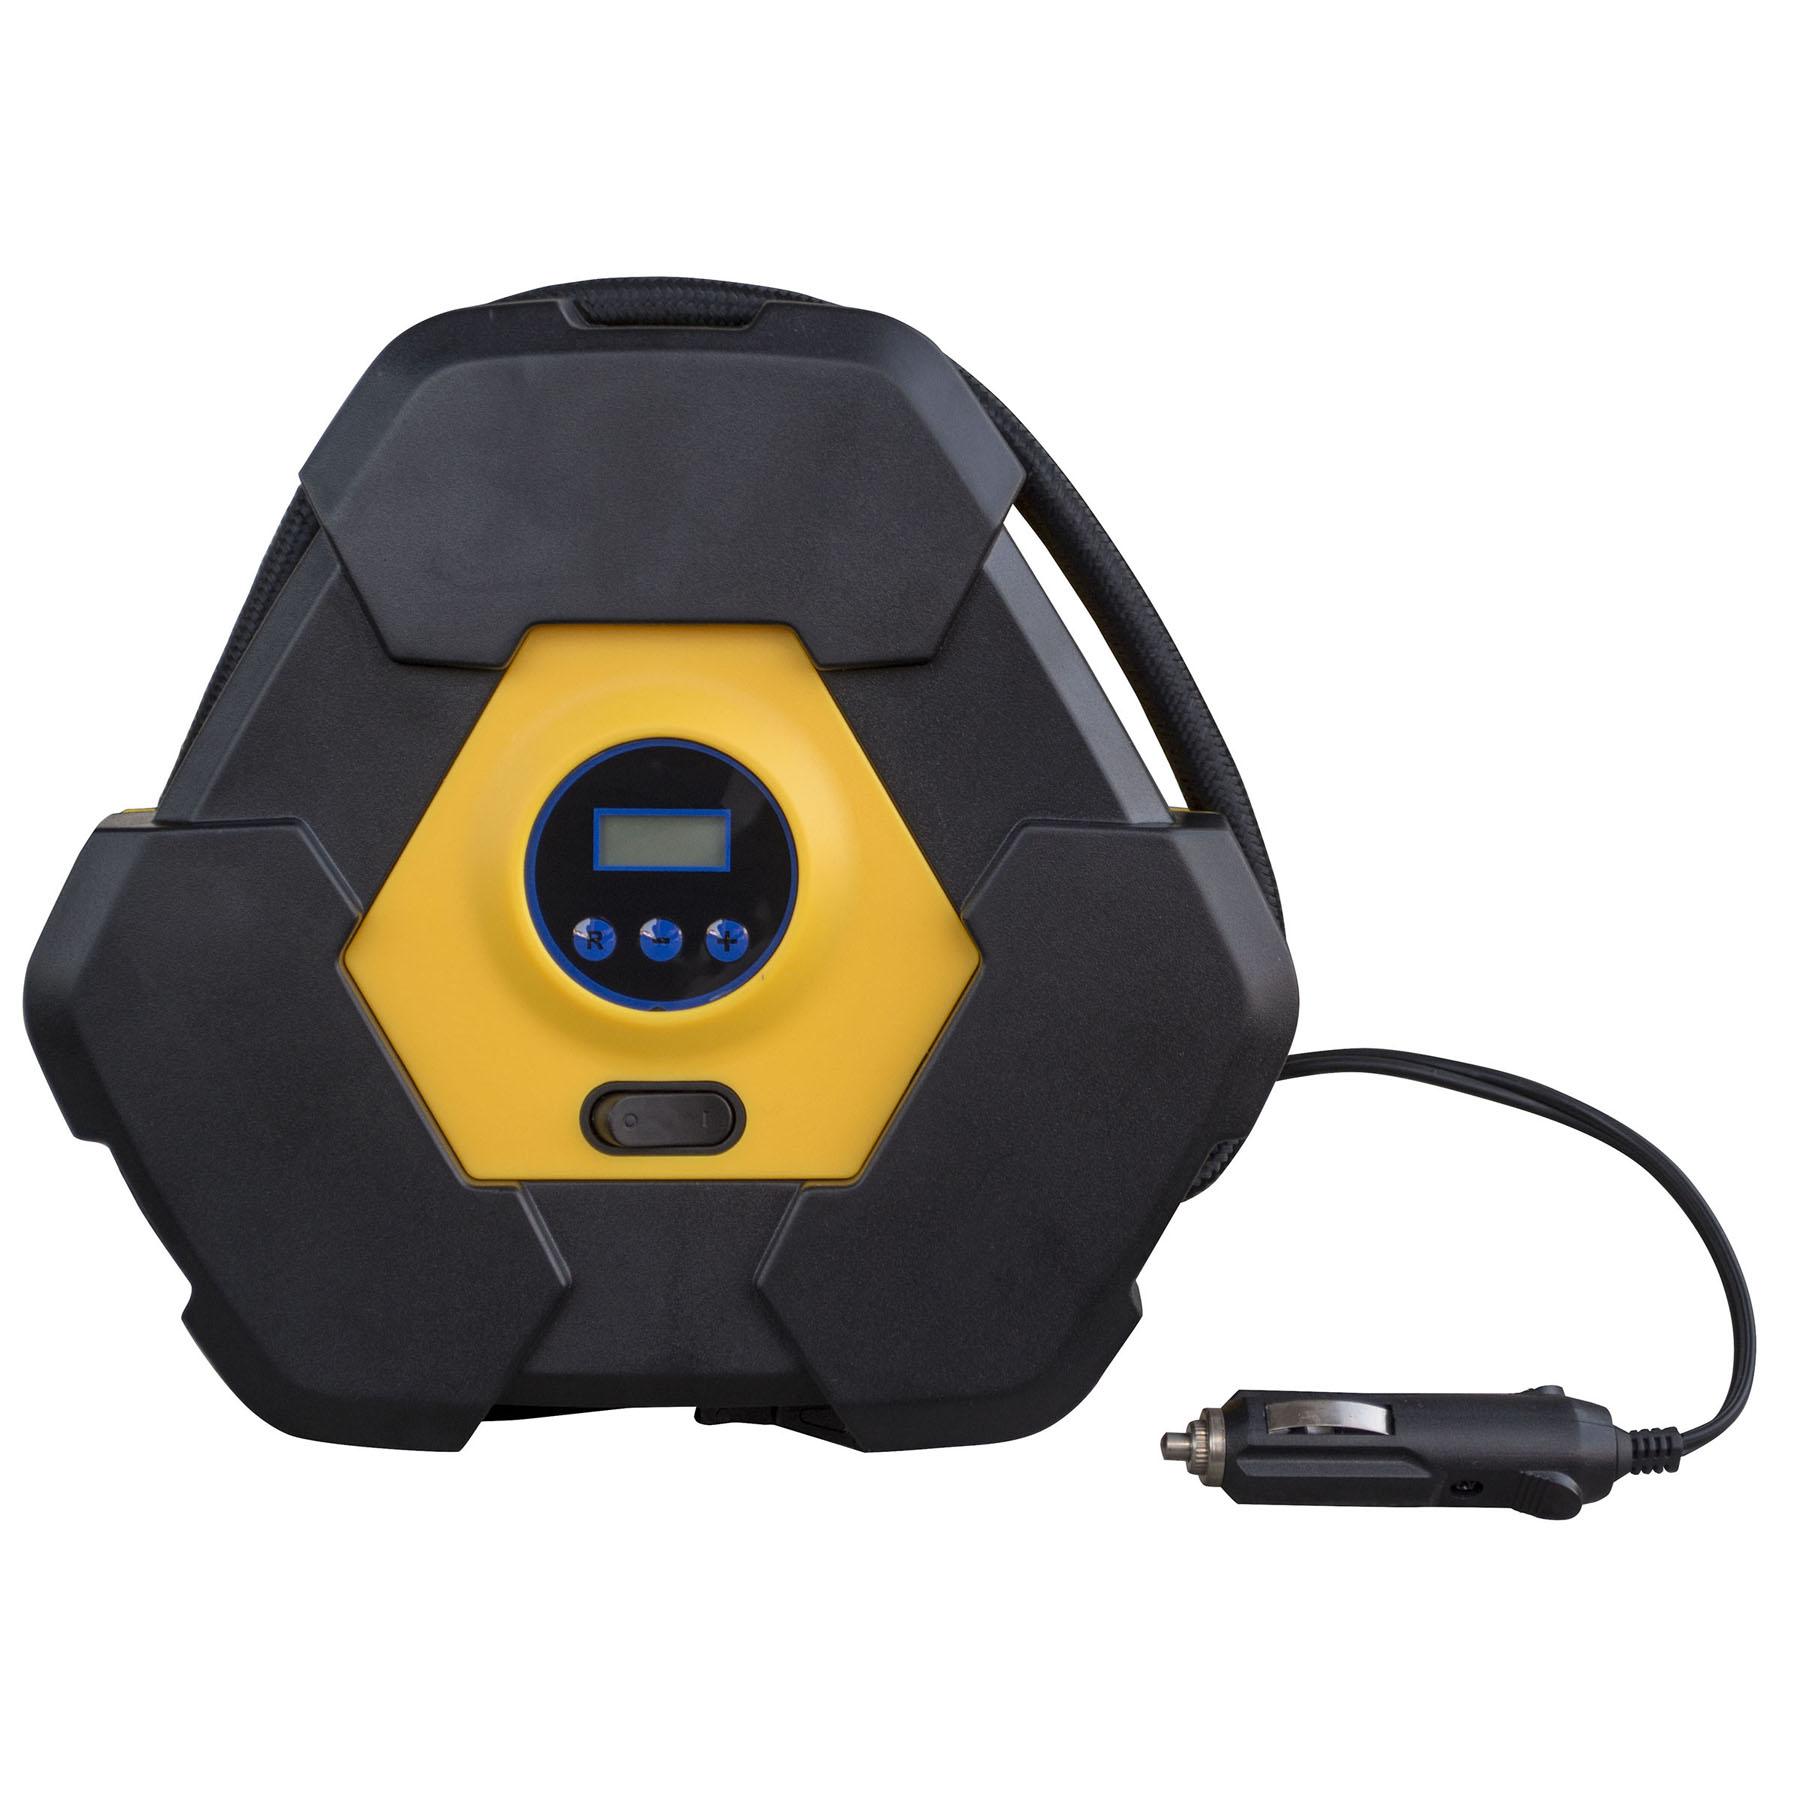 12 Volt Portable Automotive Digital Tire Inflator Pump